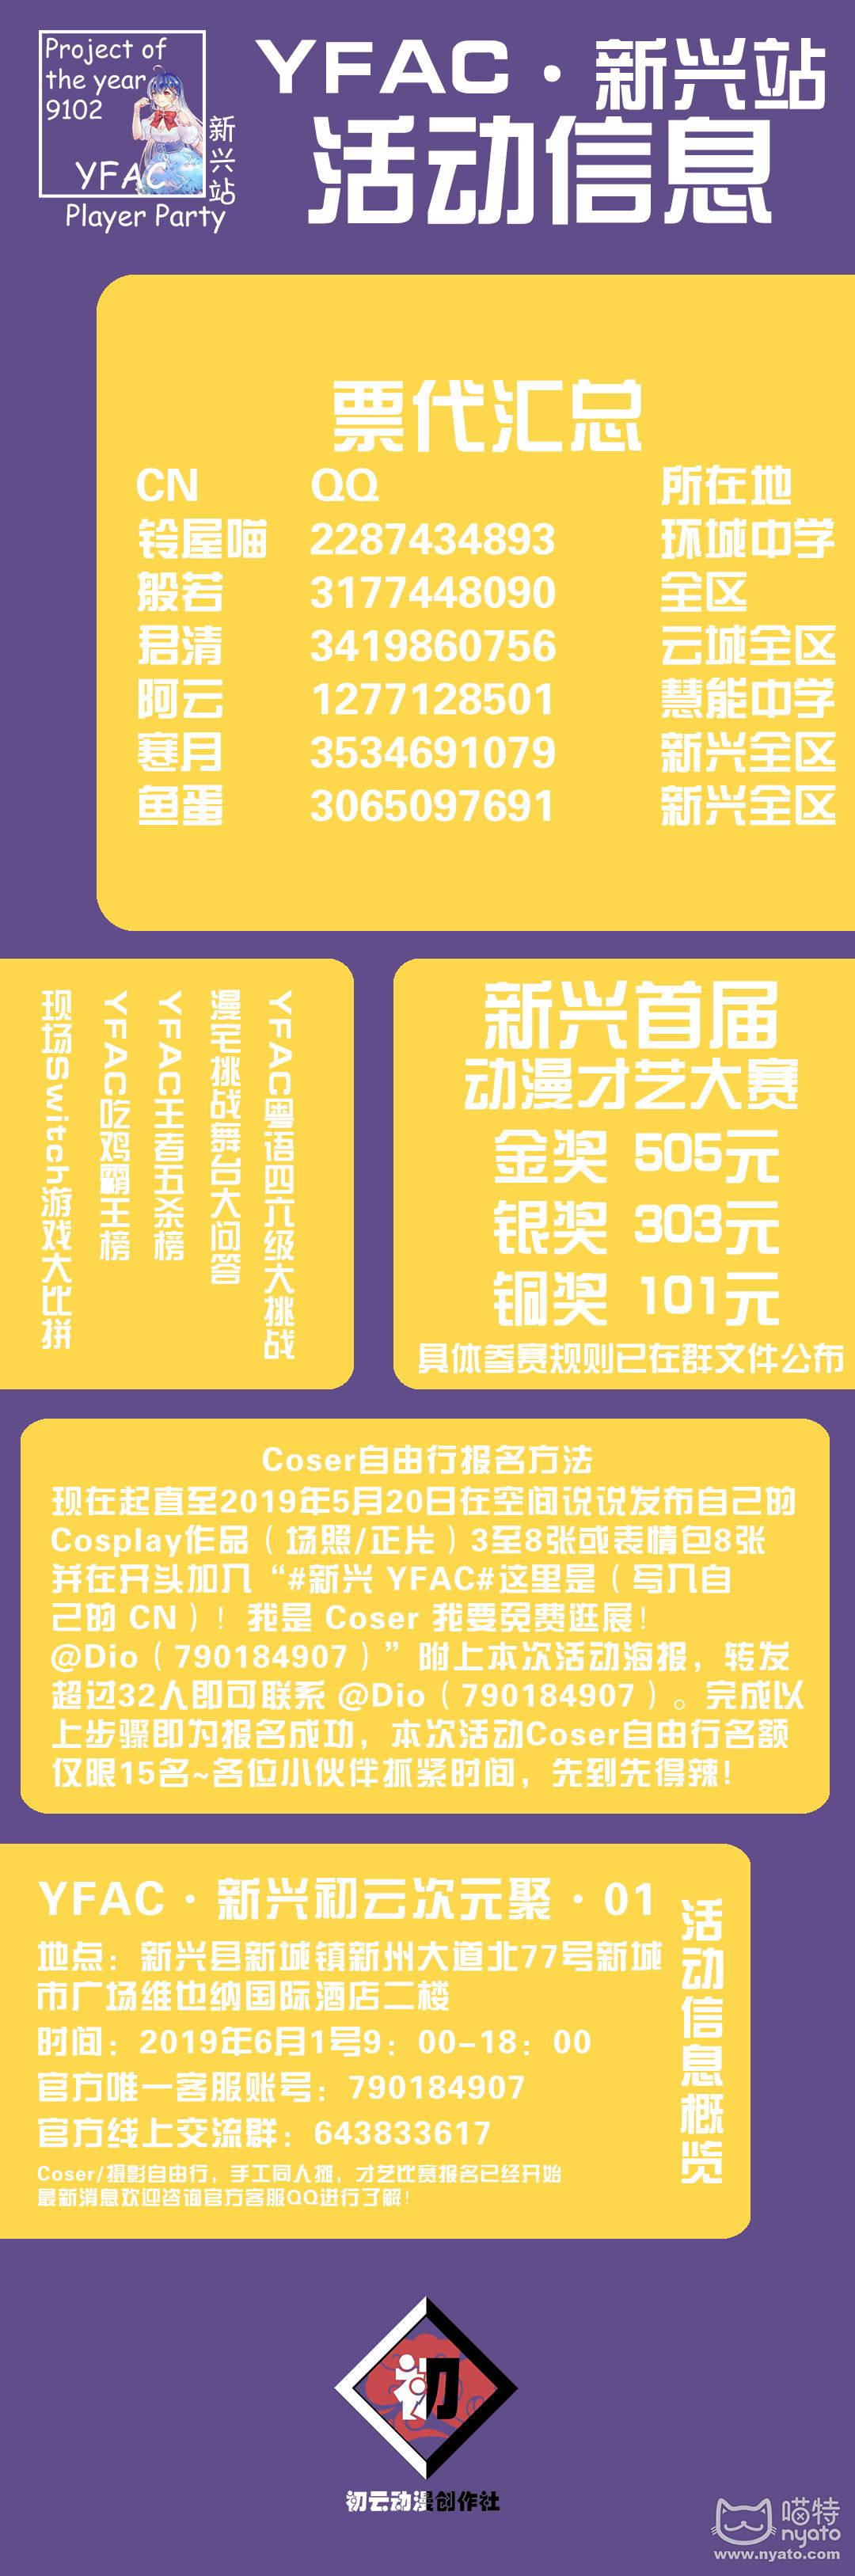 YFAC新兴无码版.jpg